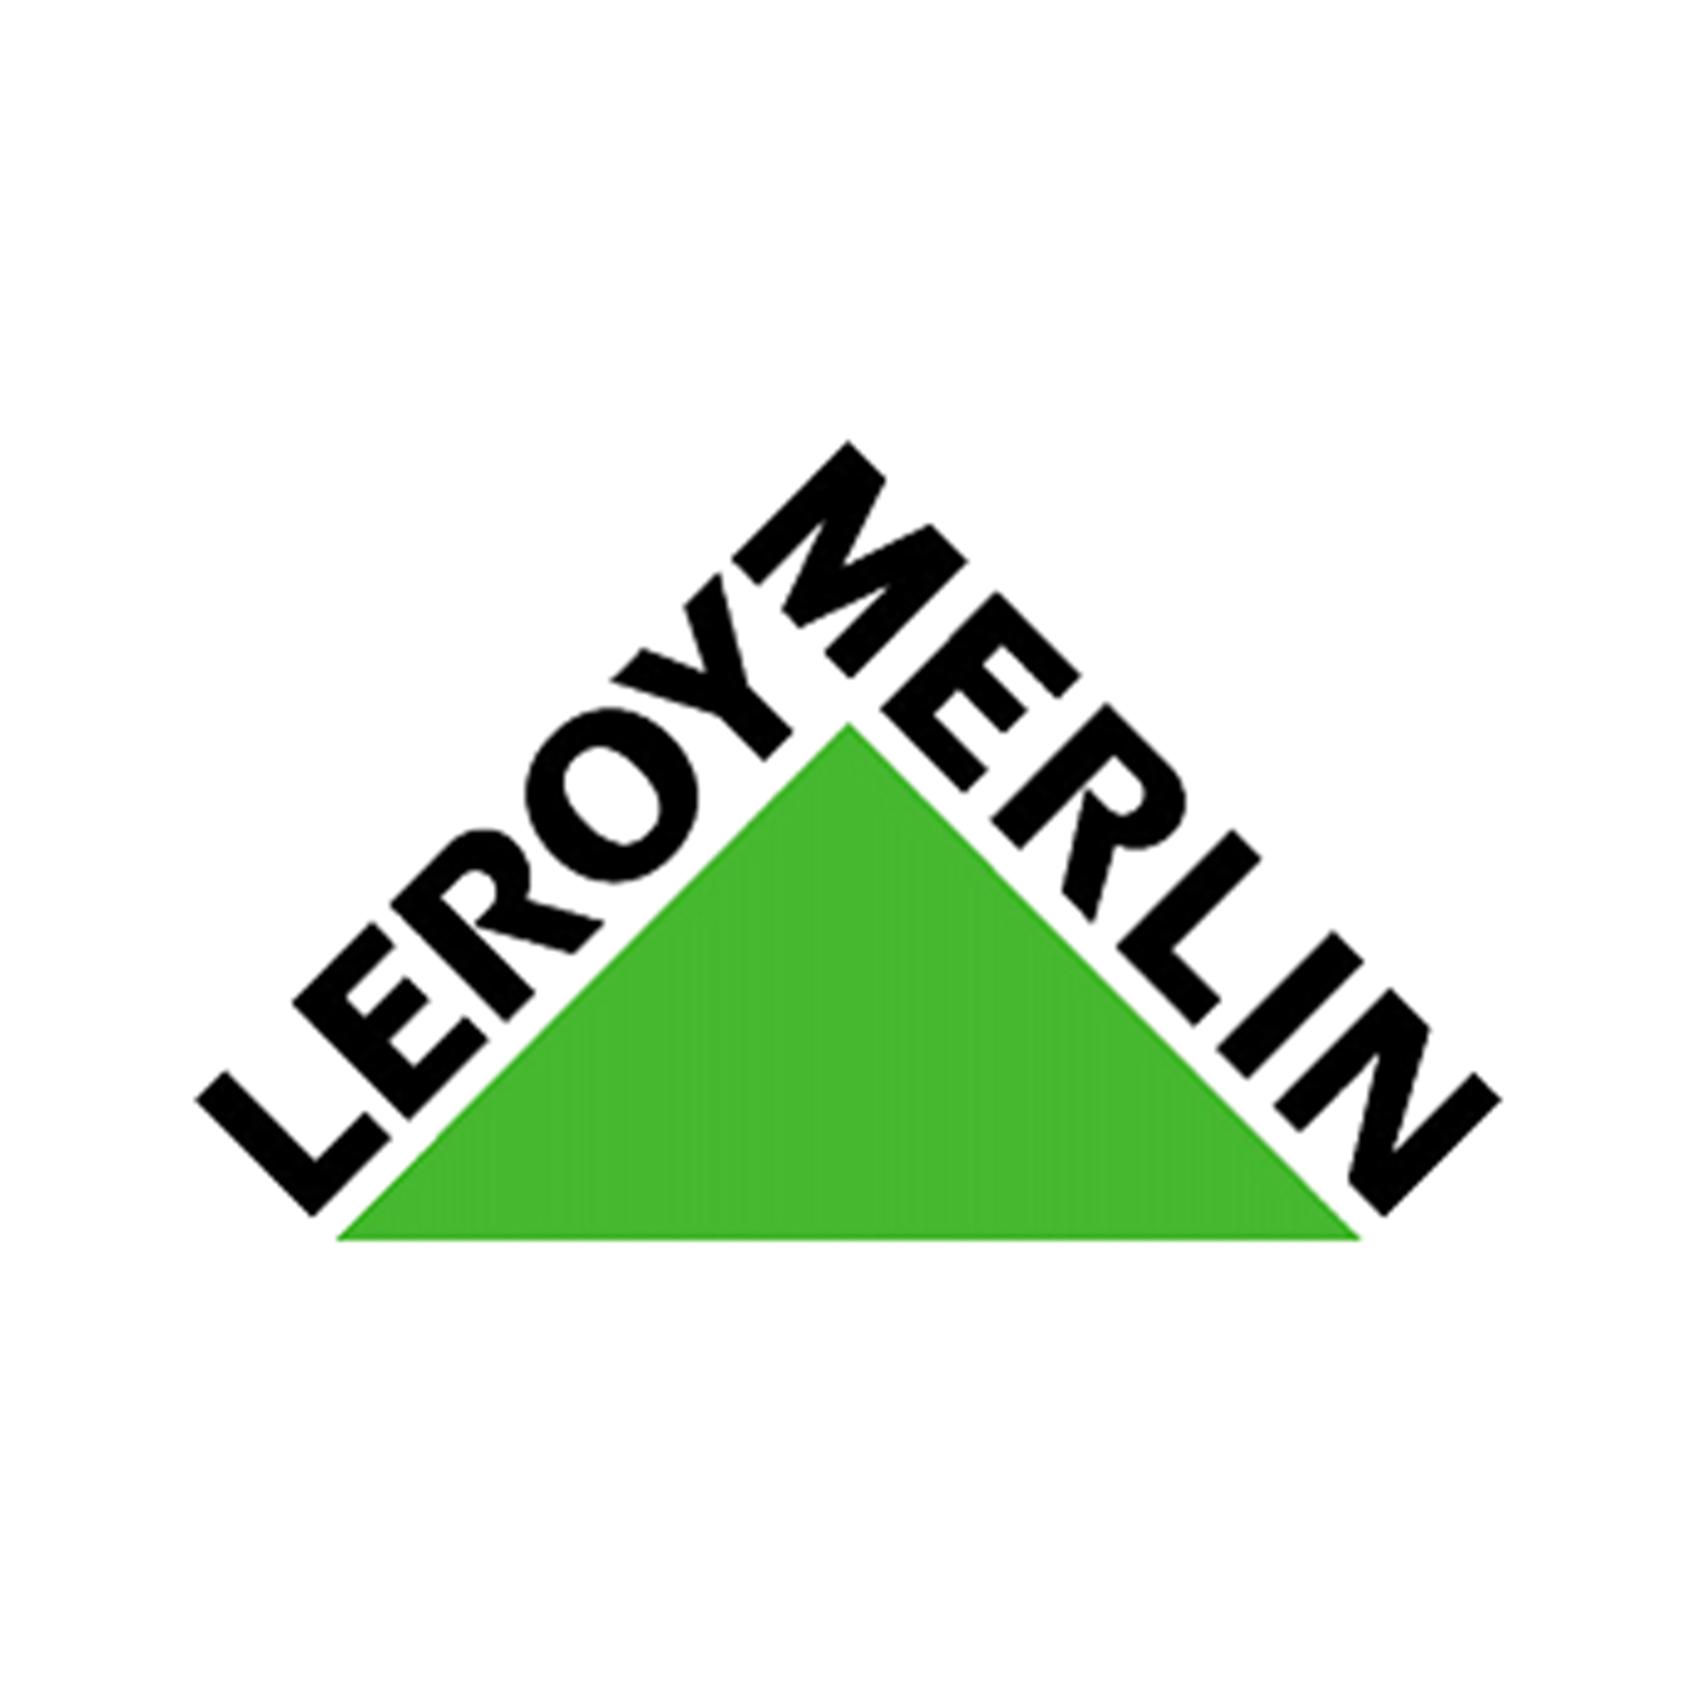 leroy merlin progetto bagno: pensili da bagno leroy merlin: mobile ... - Letti Singoli Leroy Merlin